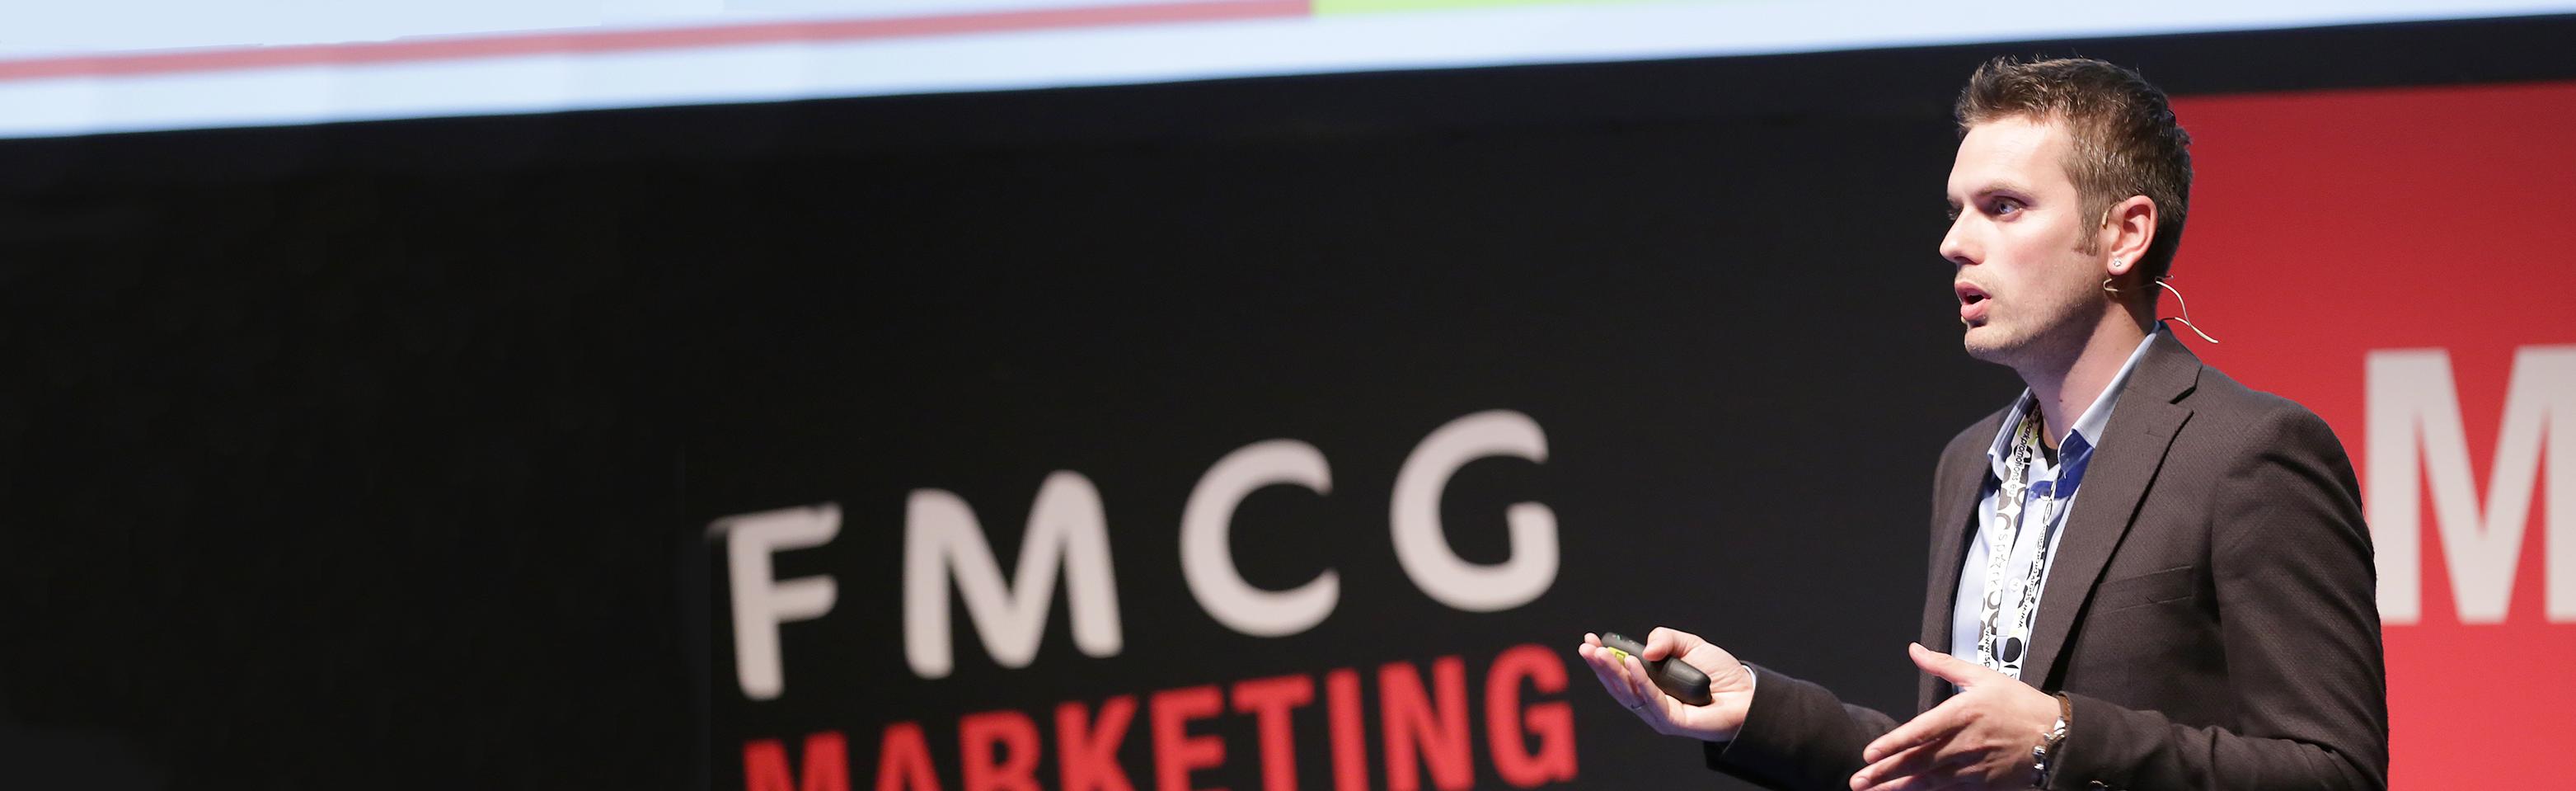 FMCG Marketing Summit i Arbonina uspješna priča o HiPP kampanji